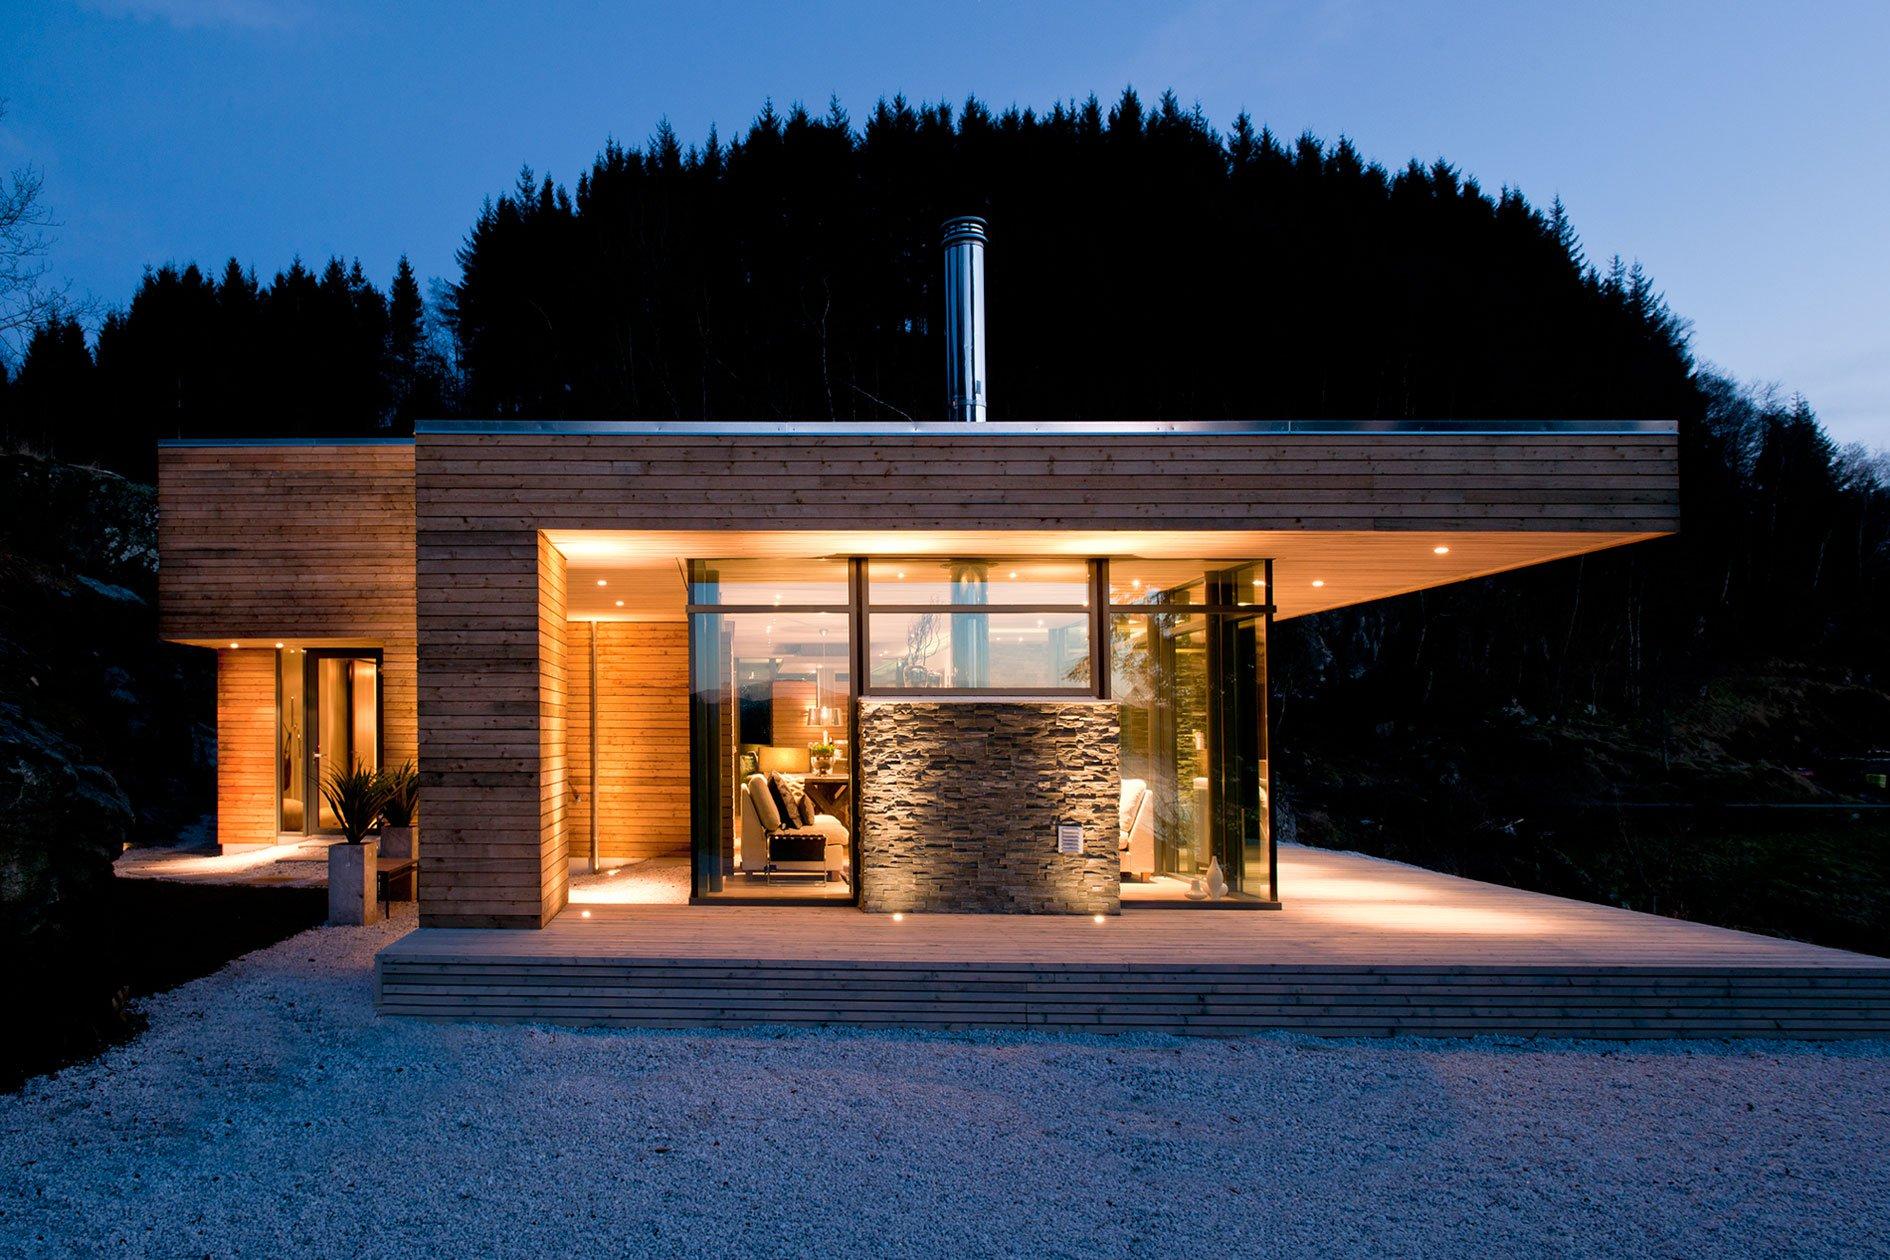 Modern cabin gj 9 by gudmundur jonsson architect for Modern home design blog